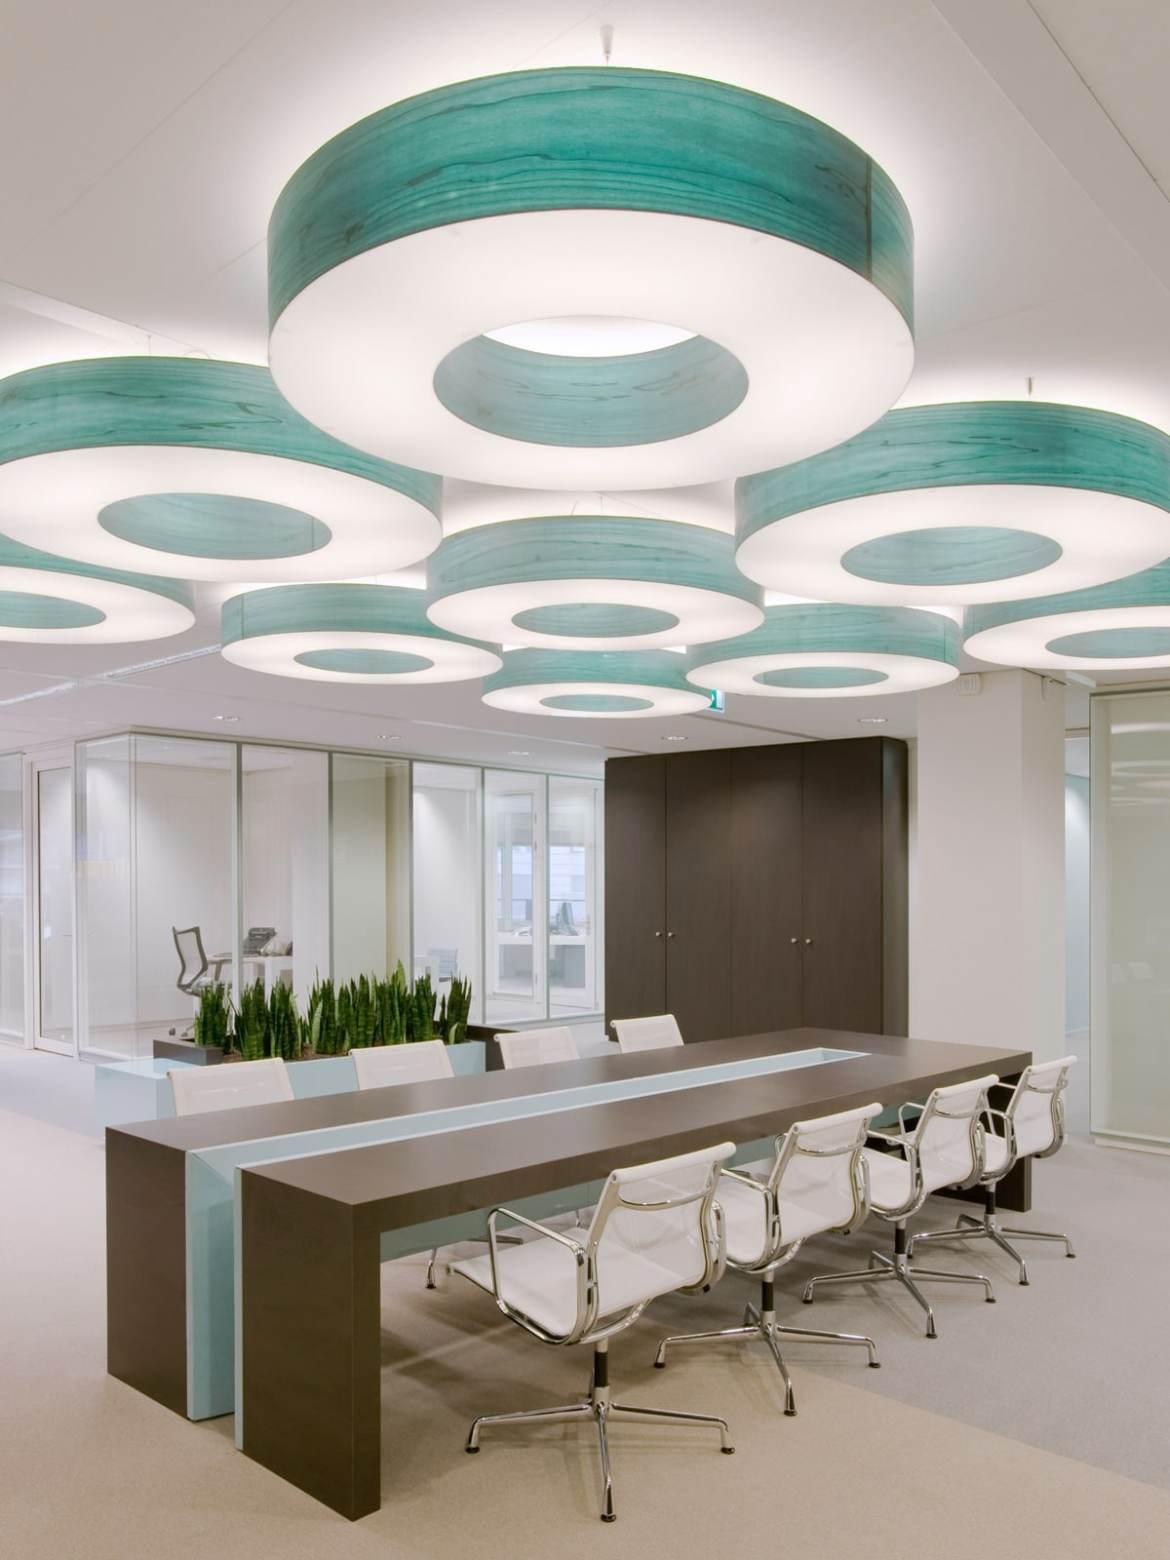 DesignOrt Blog: Faszination Farbe: Holzfurnier von LZF Lamps Saturnia